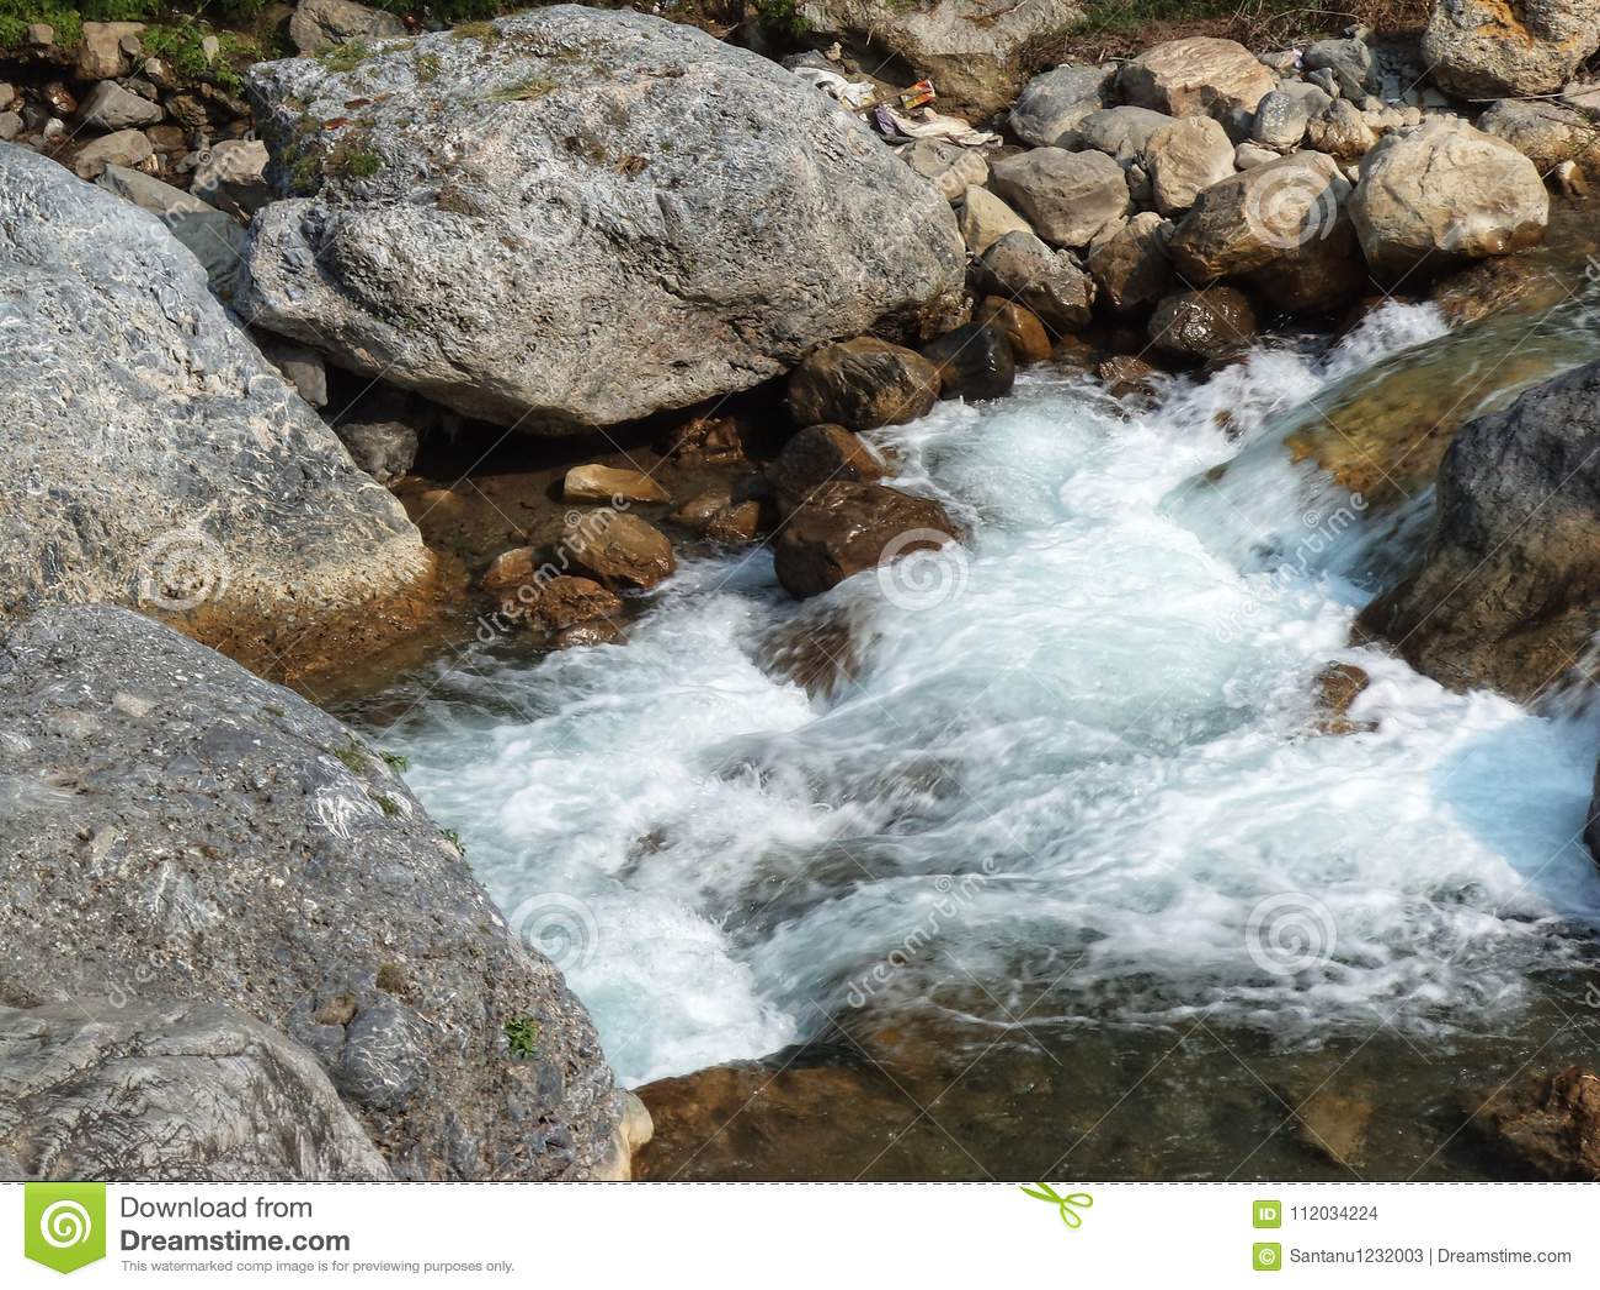 大吉岭岩石河流动